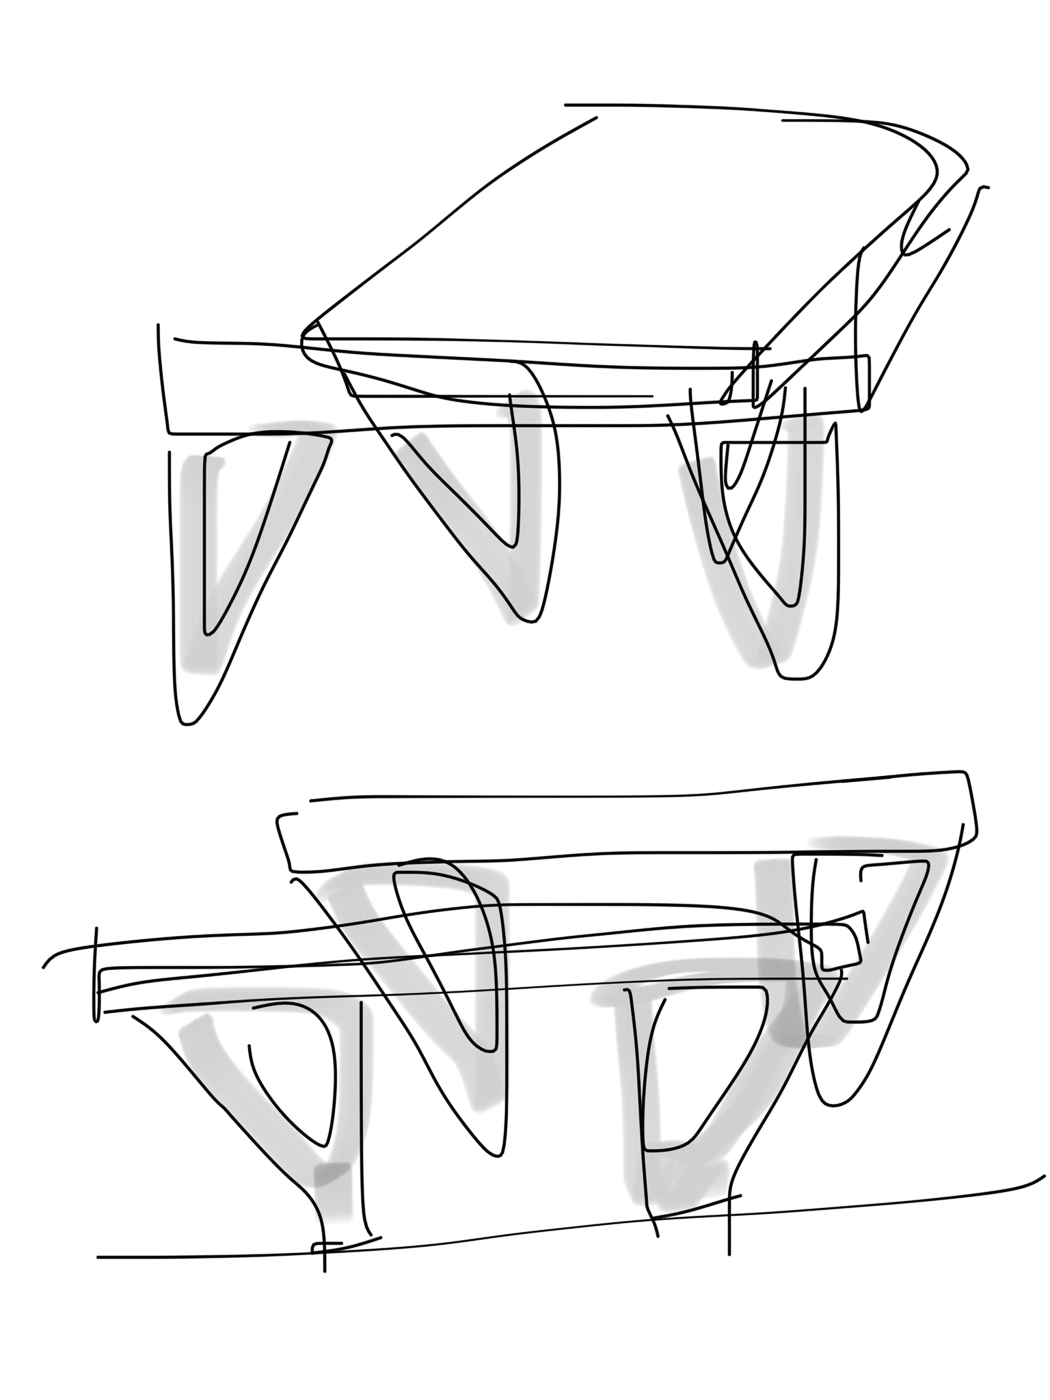 Sketch-392.jpg